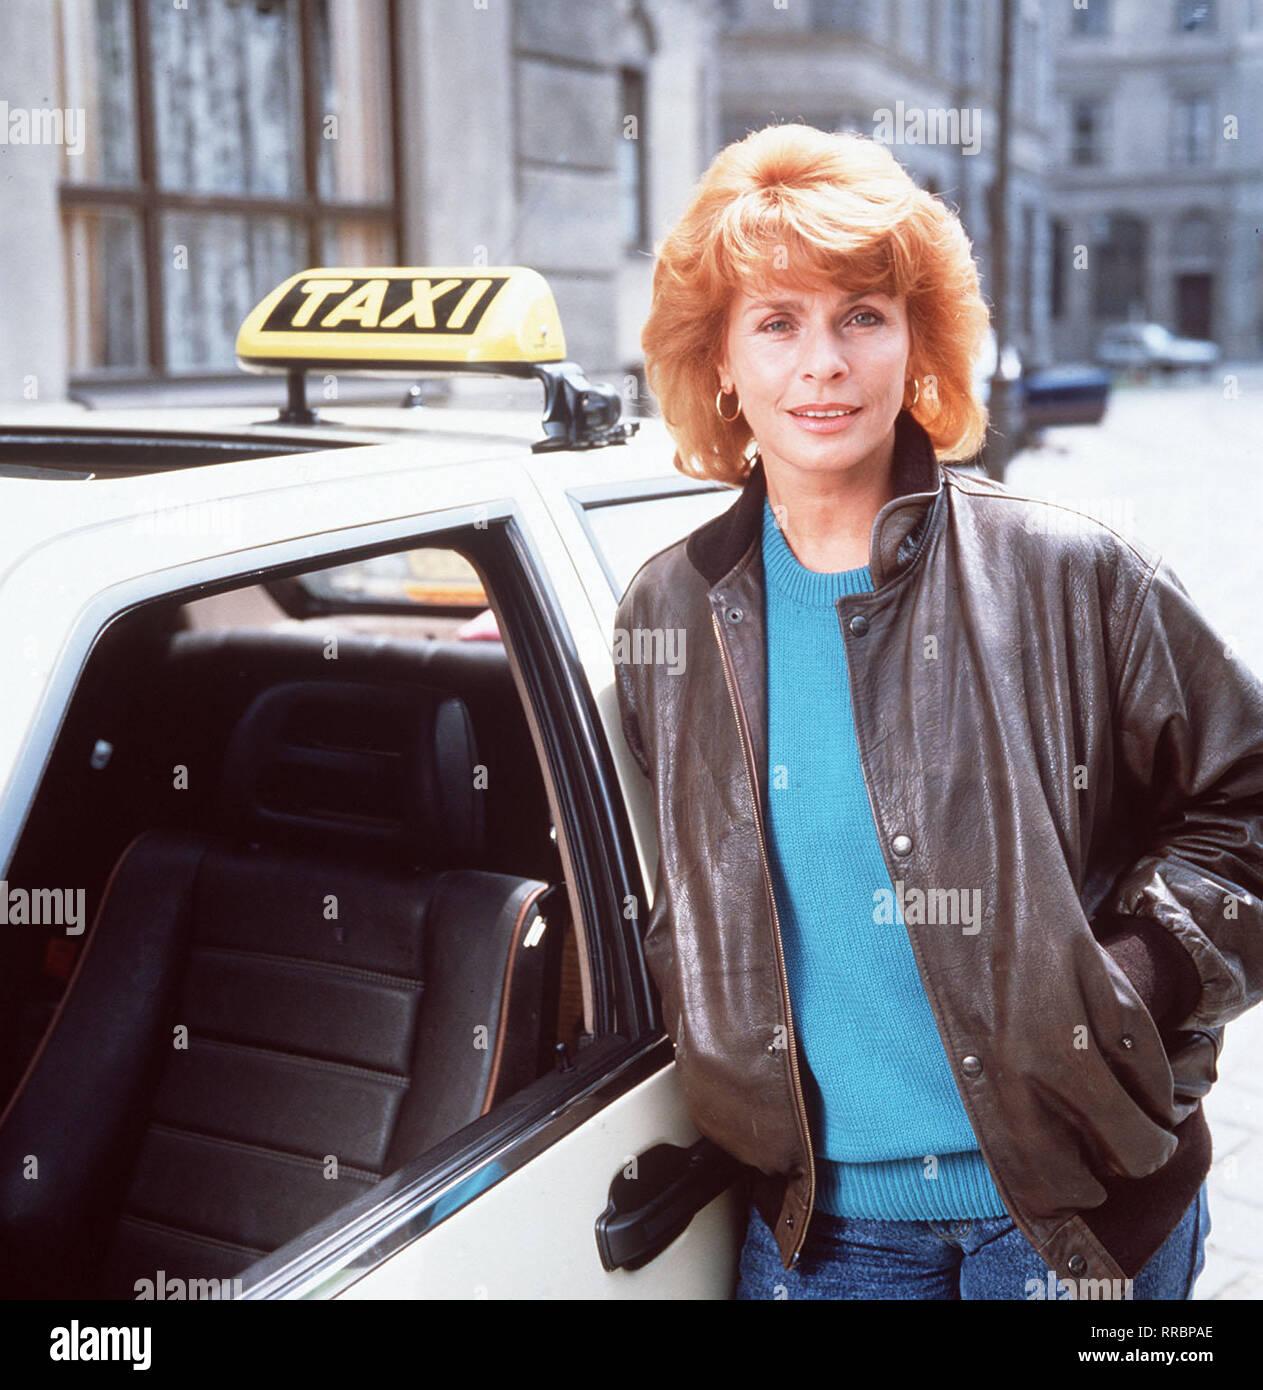 """DIE SCHNELLE GERDI / TV-Serie - D 1989 - Michael Verhoeven / 1. Heldin des Tages / Eine Frau mit vielen Gesichtern, eine Frau in den besten Jahren, geschieden, Tochter erwachsen, ein Hund: Die Rede ist von Gerda Angerpointer (SENTA BERGER), Mittvierzigerin und selbständige Taxifahrerin in München, die dafür bekannt ist, daß sie Tempo macht - am Steuer ebenso wie im Privaten. Spitzname: """"Die schnelle Gerdi"""". / 34750 / , 23DFABRSCH1 / Überschrift: DIE SCHNELLE GERDI / BRD 1989 Stock Photo"""